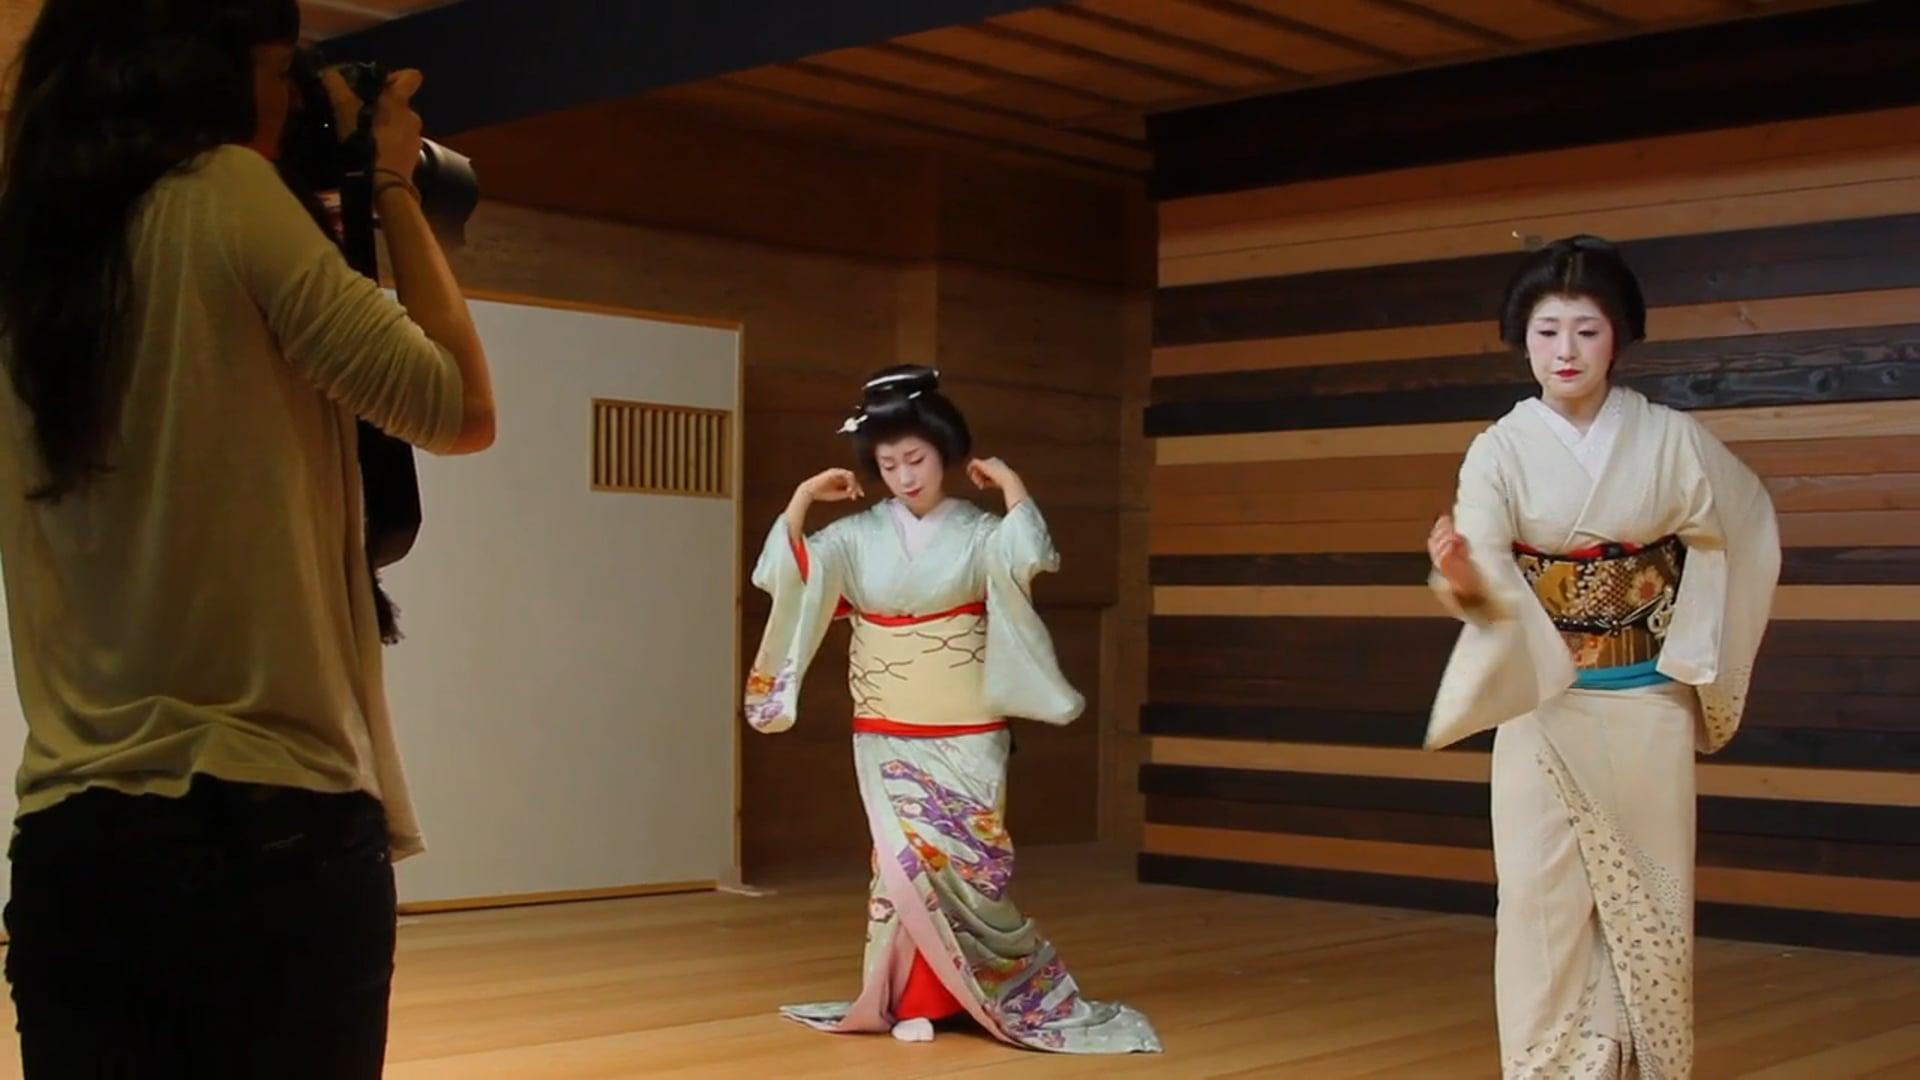 Episode 3 - Kyoto